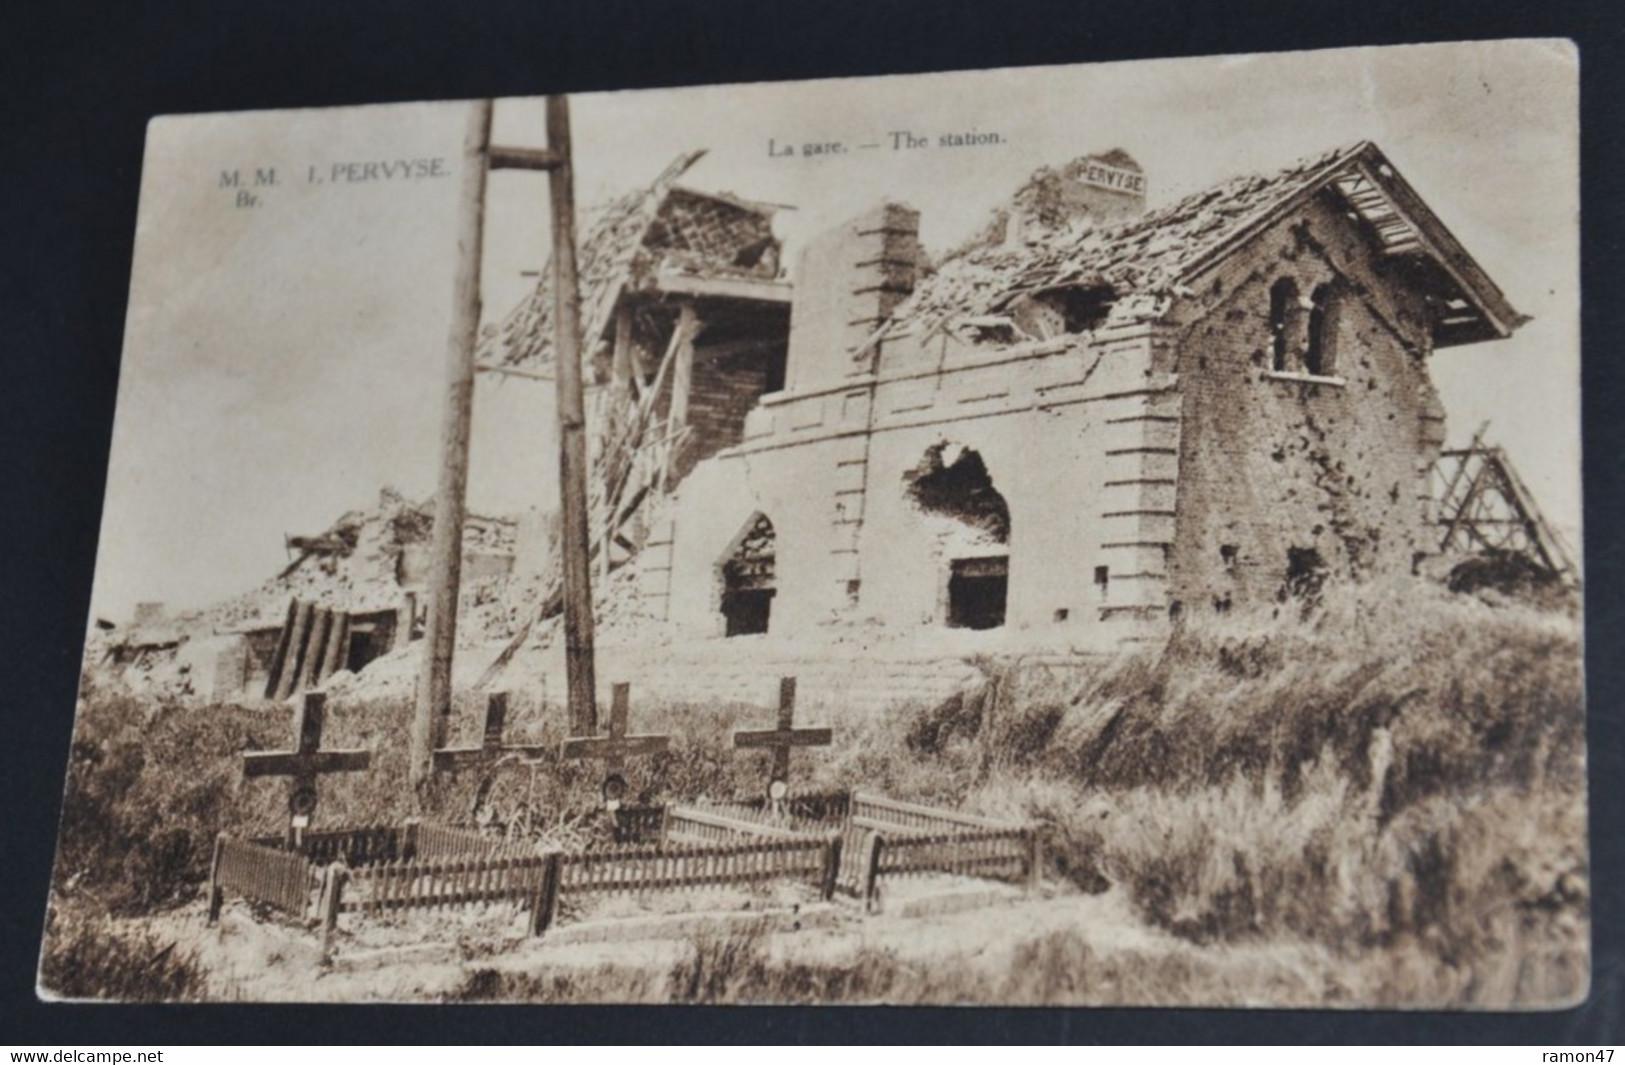 Pervyse - La Gare - Diksmuide